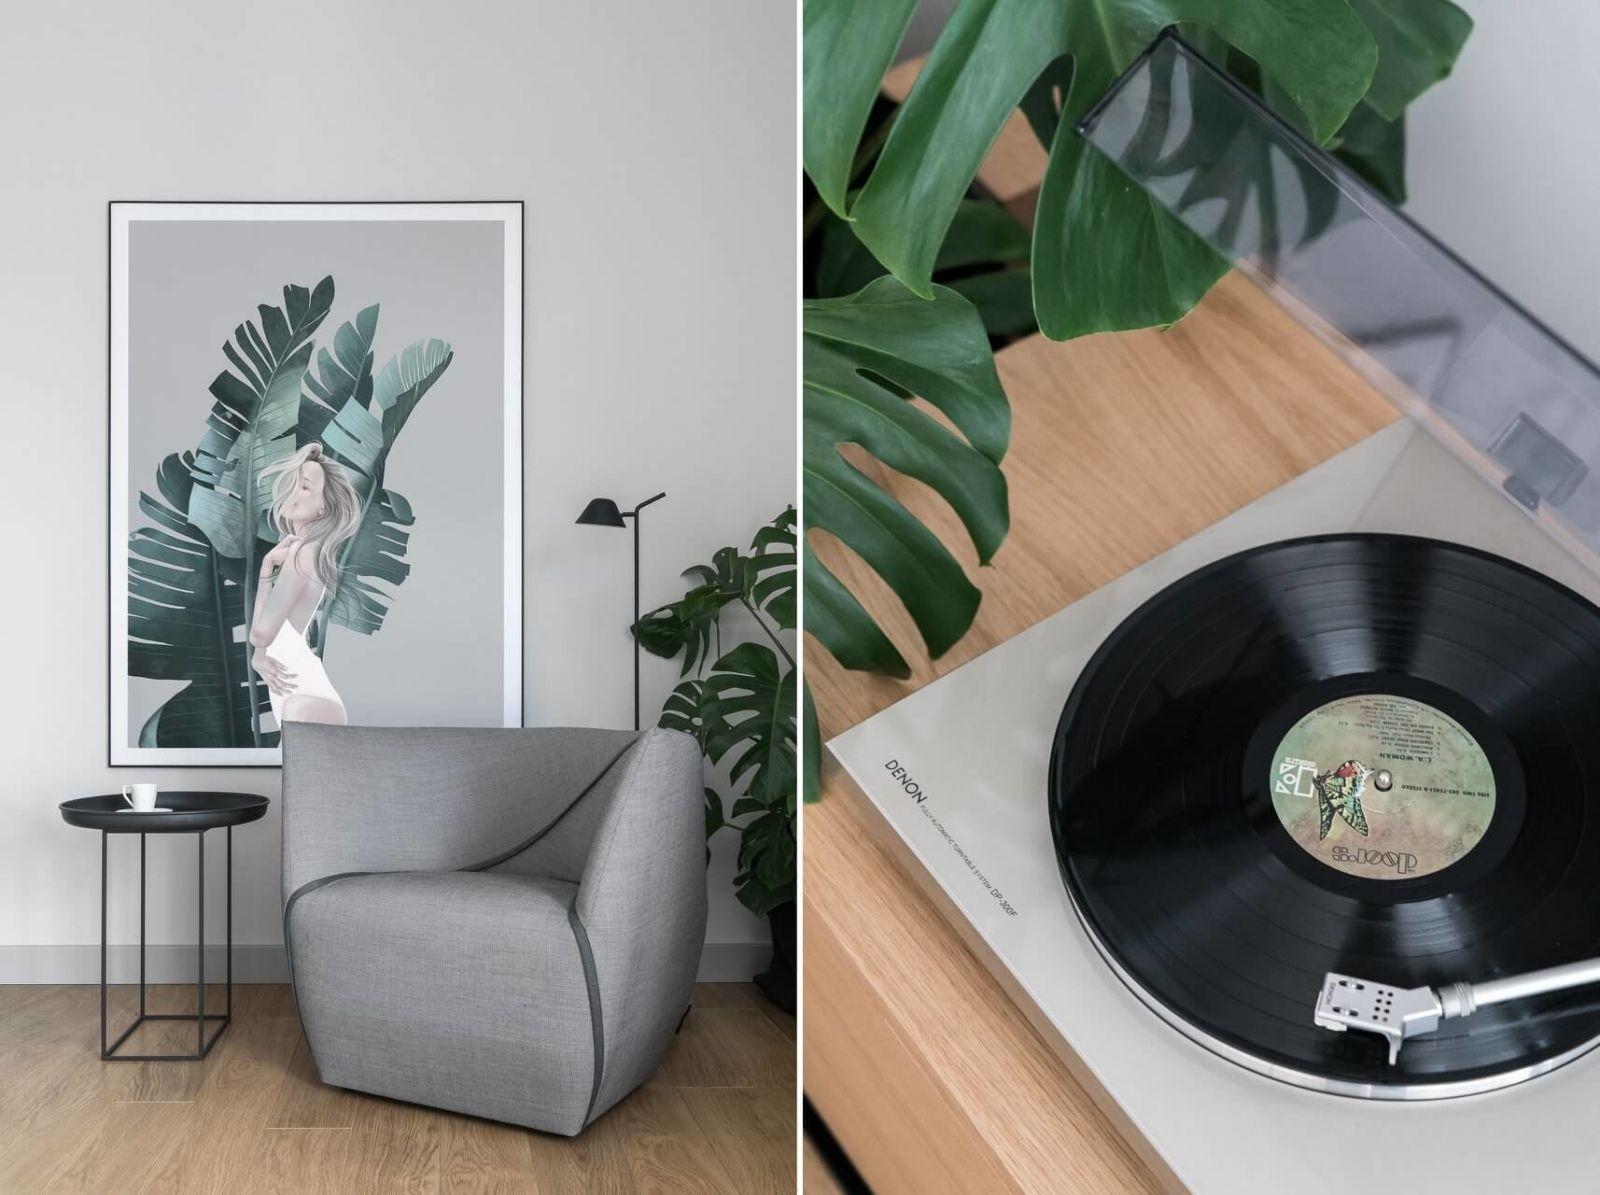 В квартире разместили минимум мебели и декоративных деталей, каждая из которых имеет функциональную нагрузку.